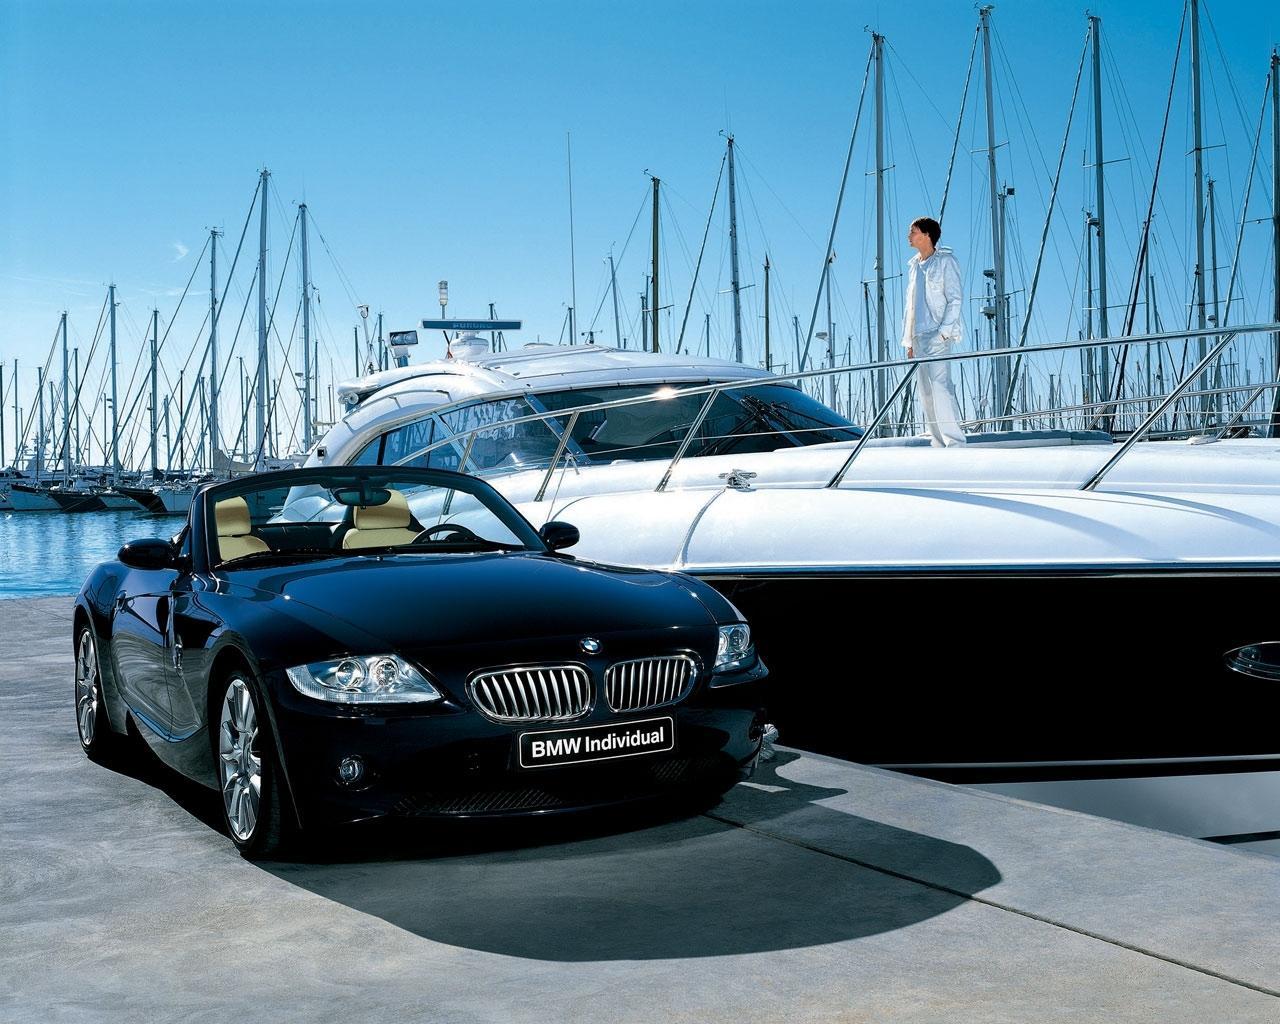 Photos BMW BMW Z4 automobile Cars auto